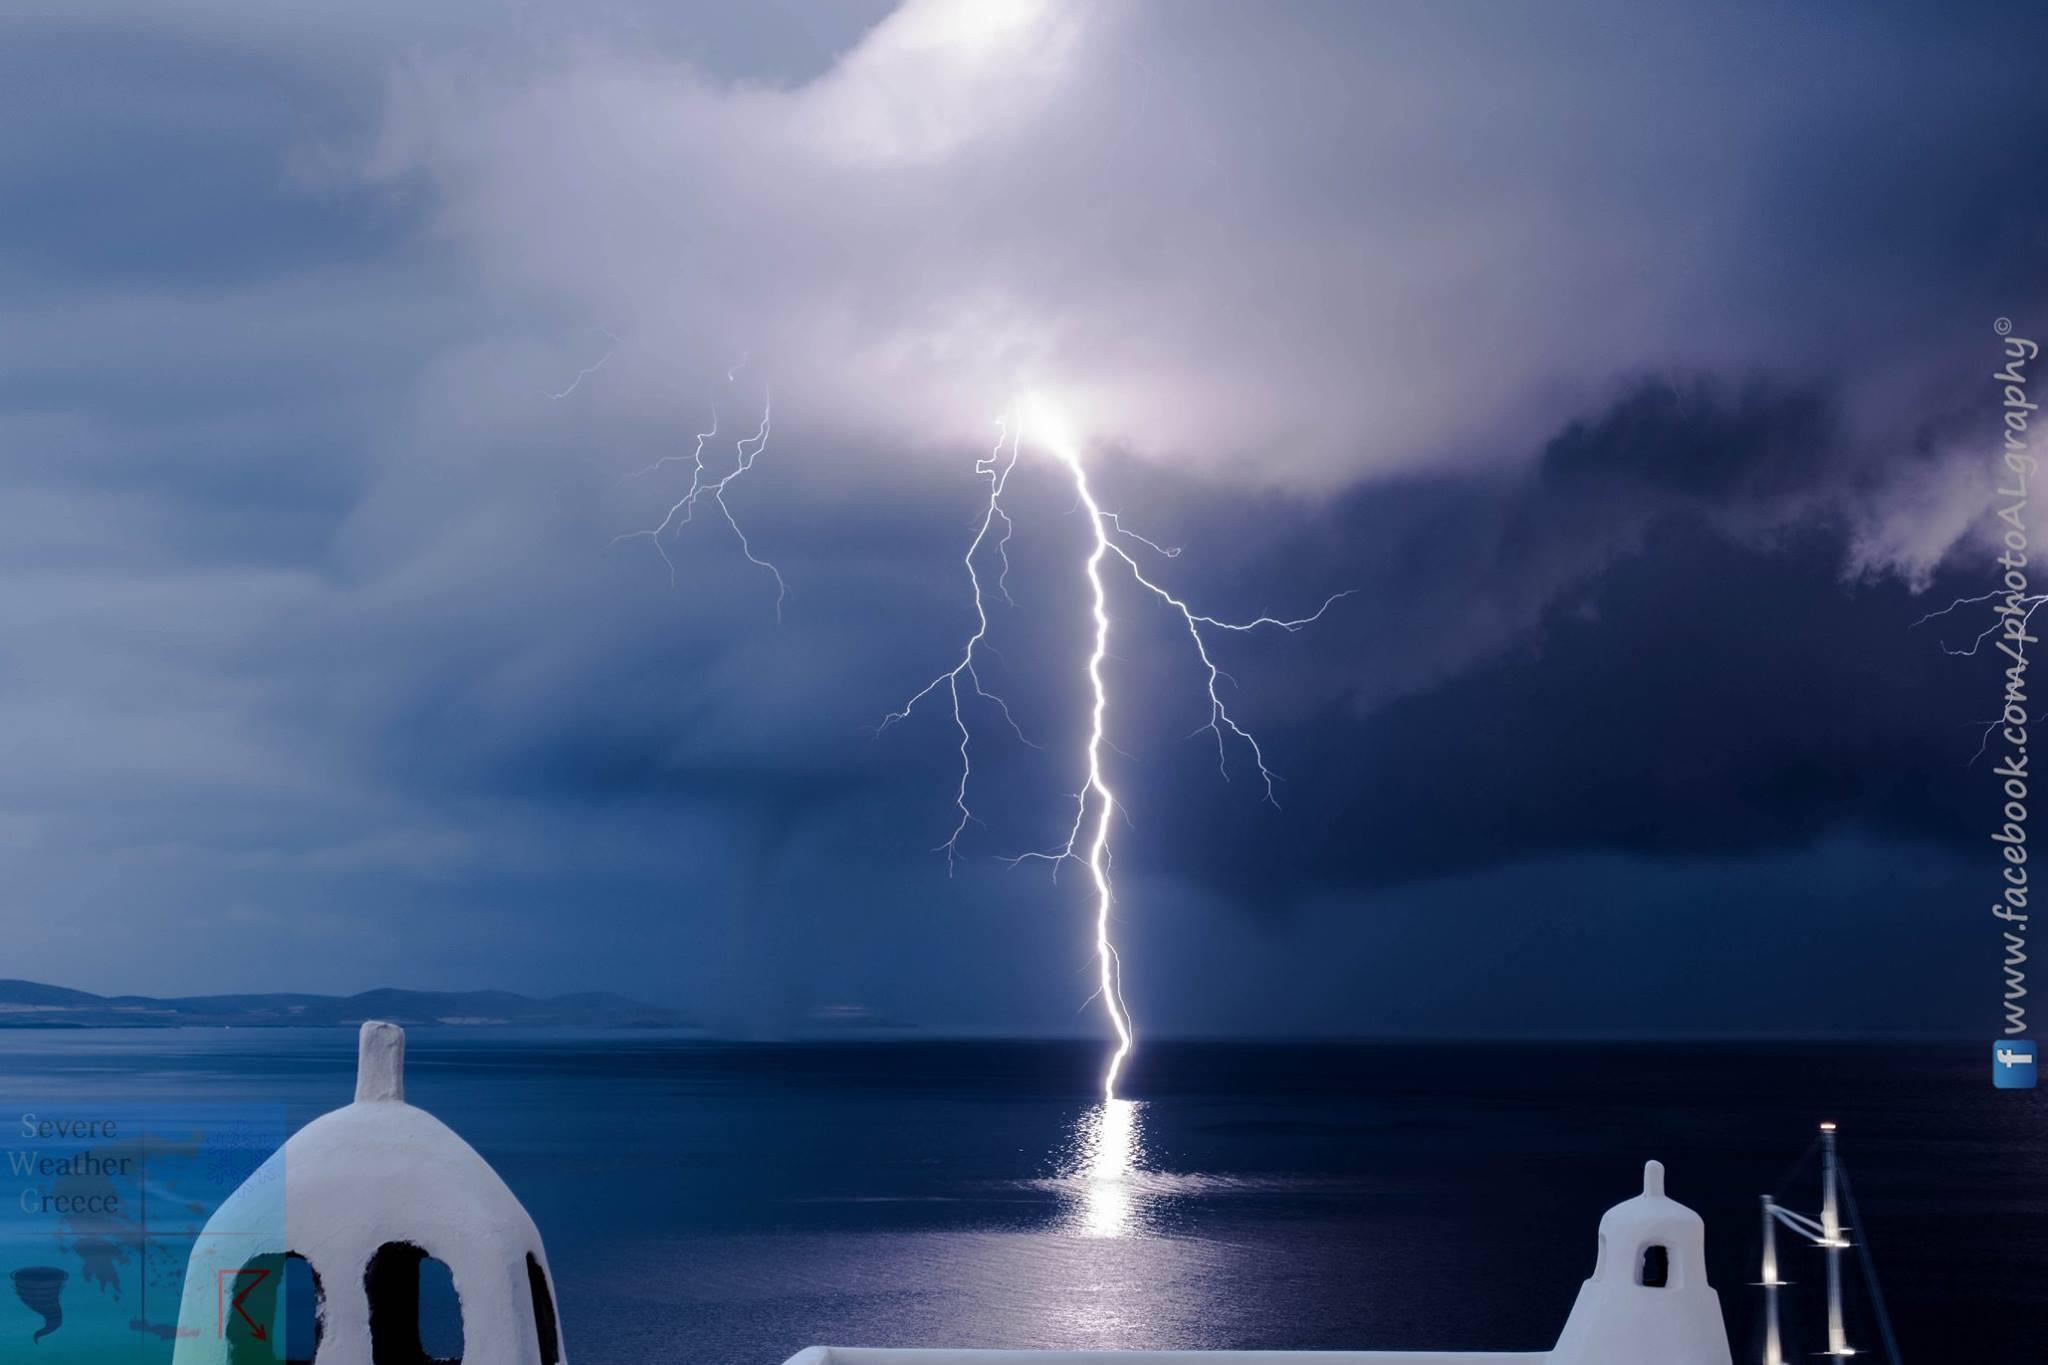 Φωτογραφικό υλικό από τη καταιγίδα στη Μύκονο - 27/05/2017